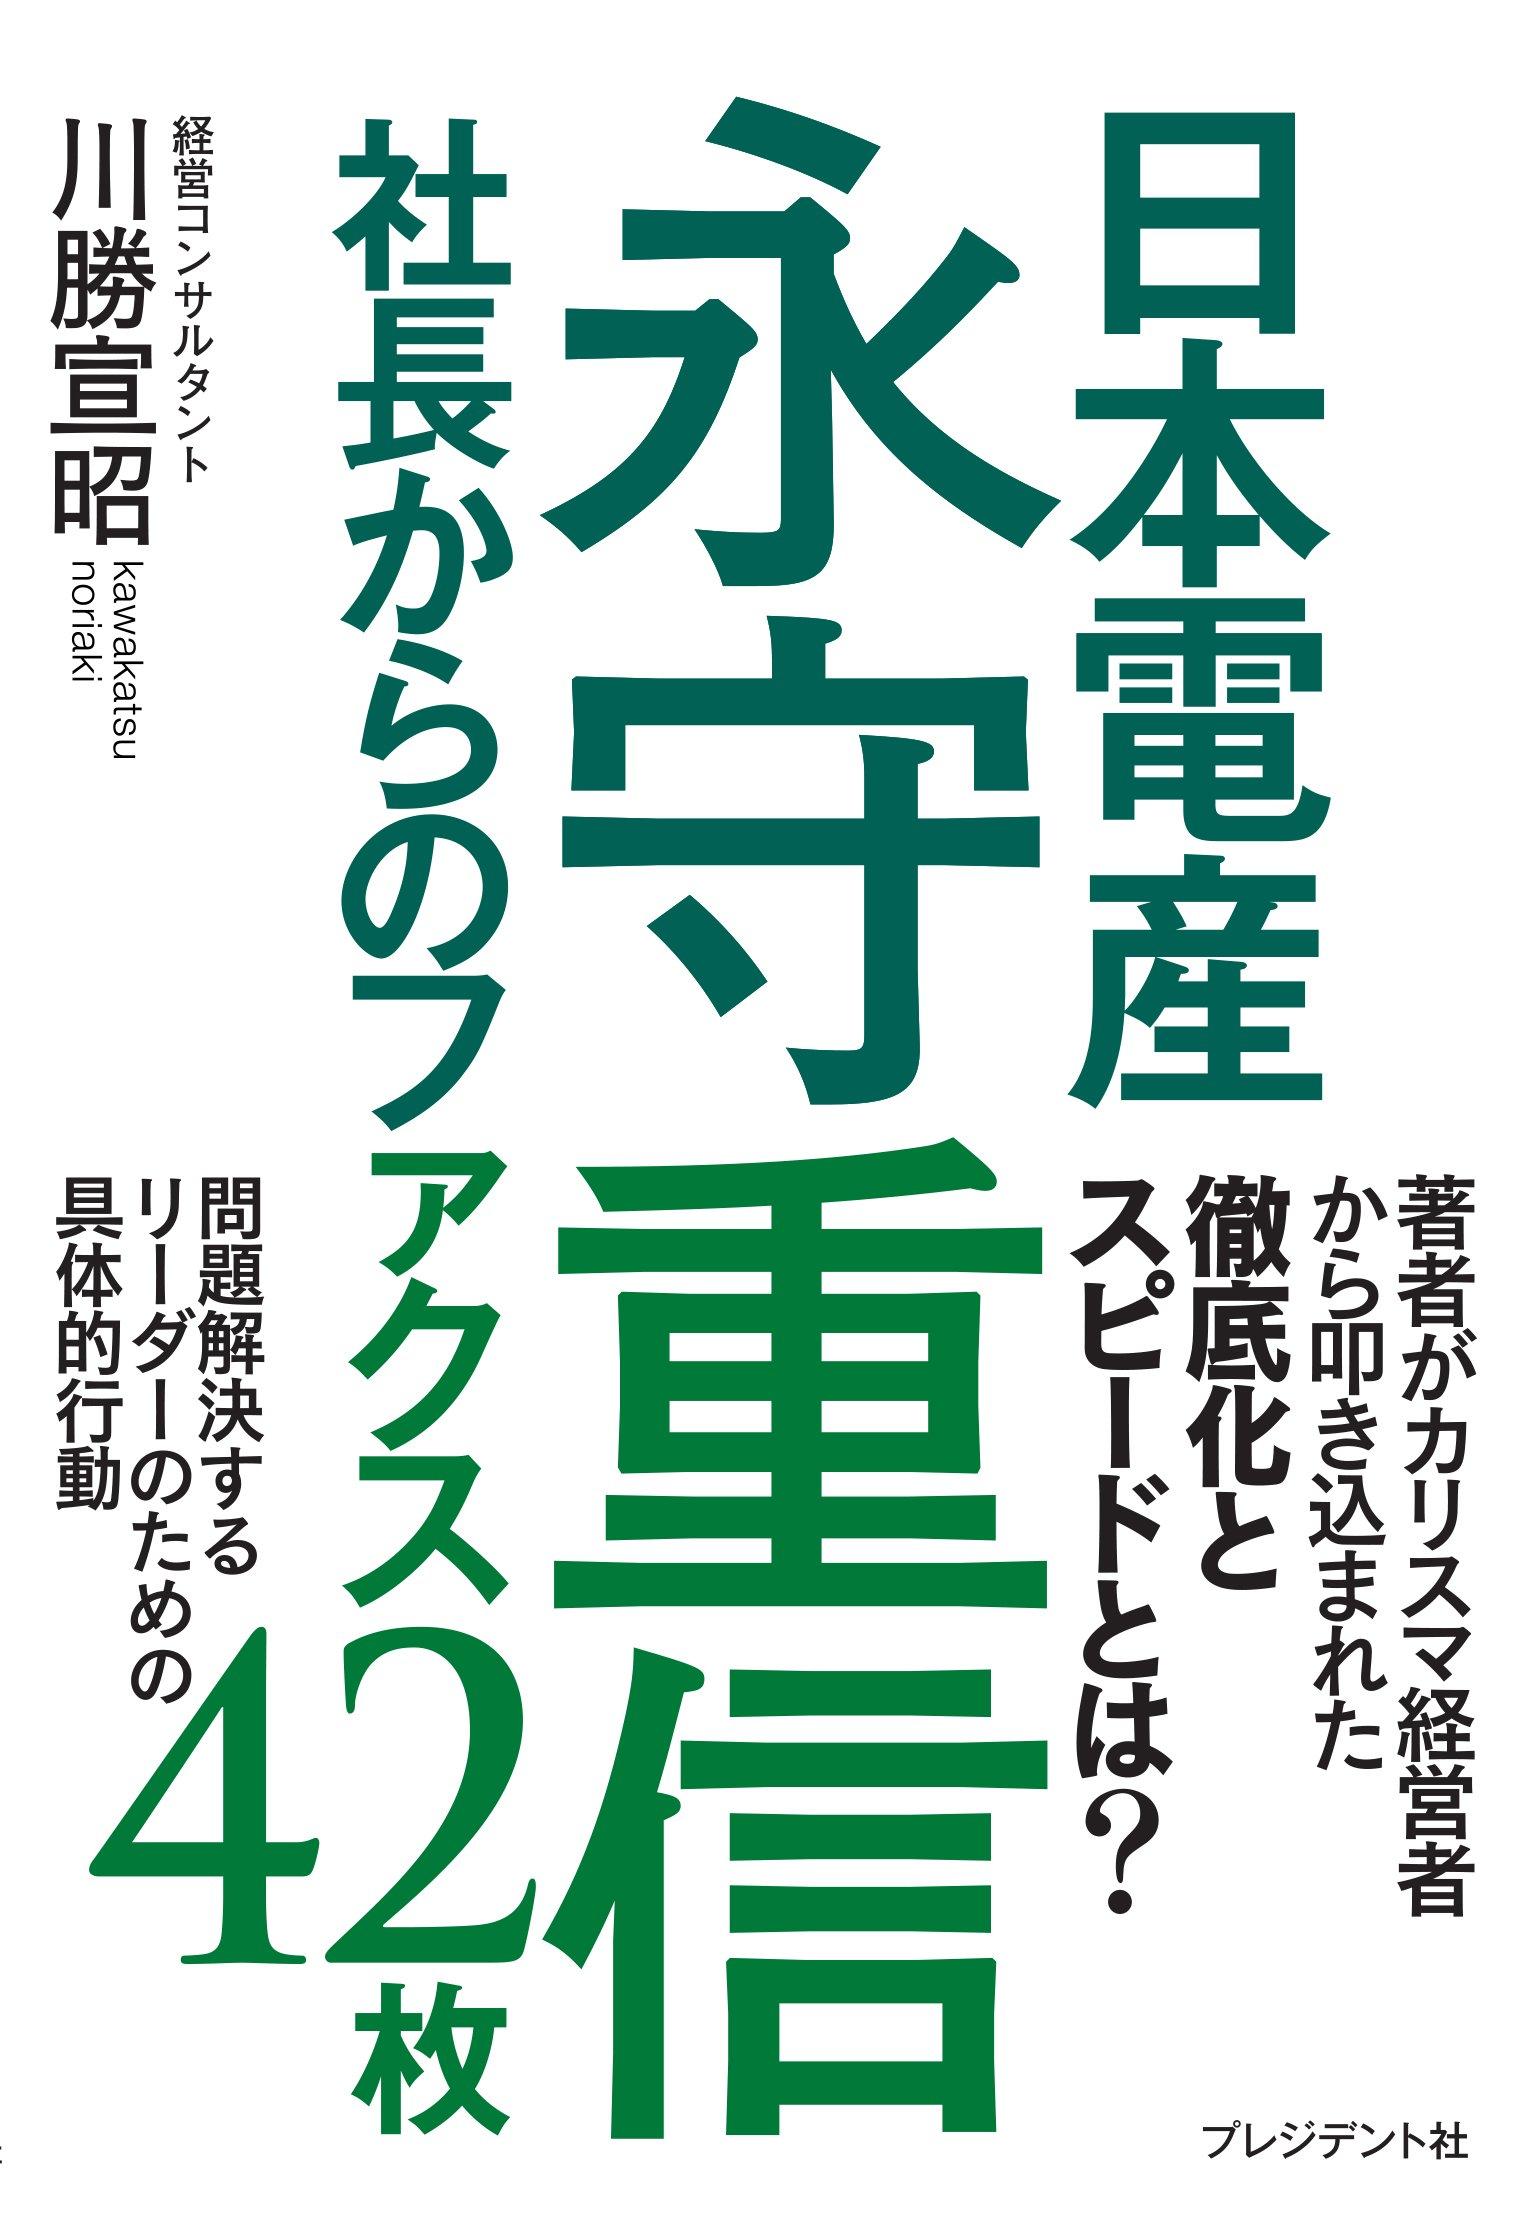 日本電産永守重信社長からのファ...